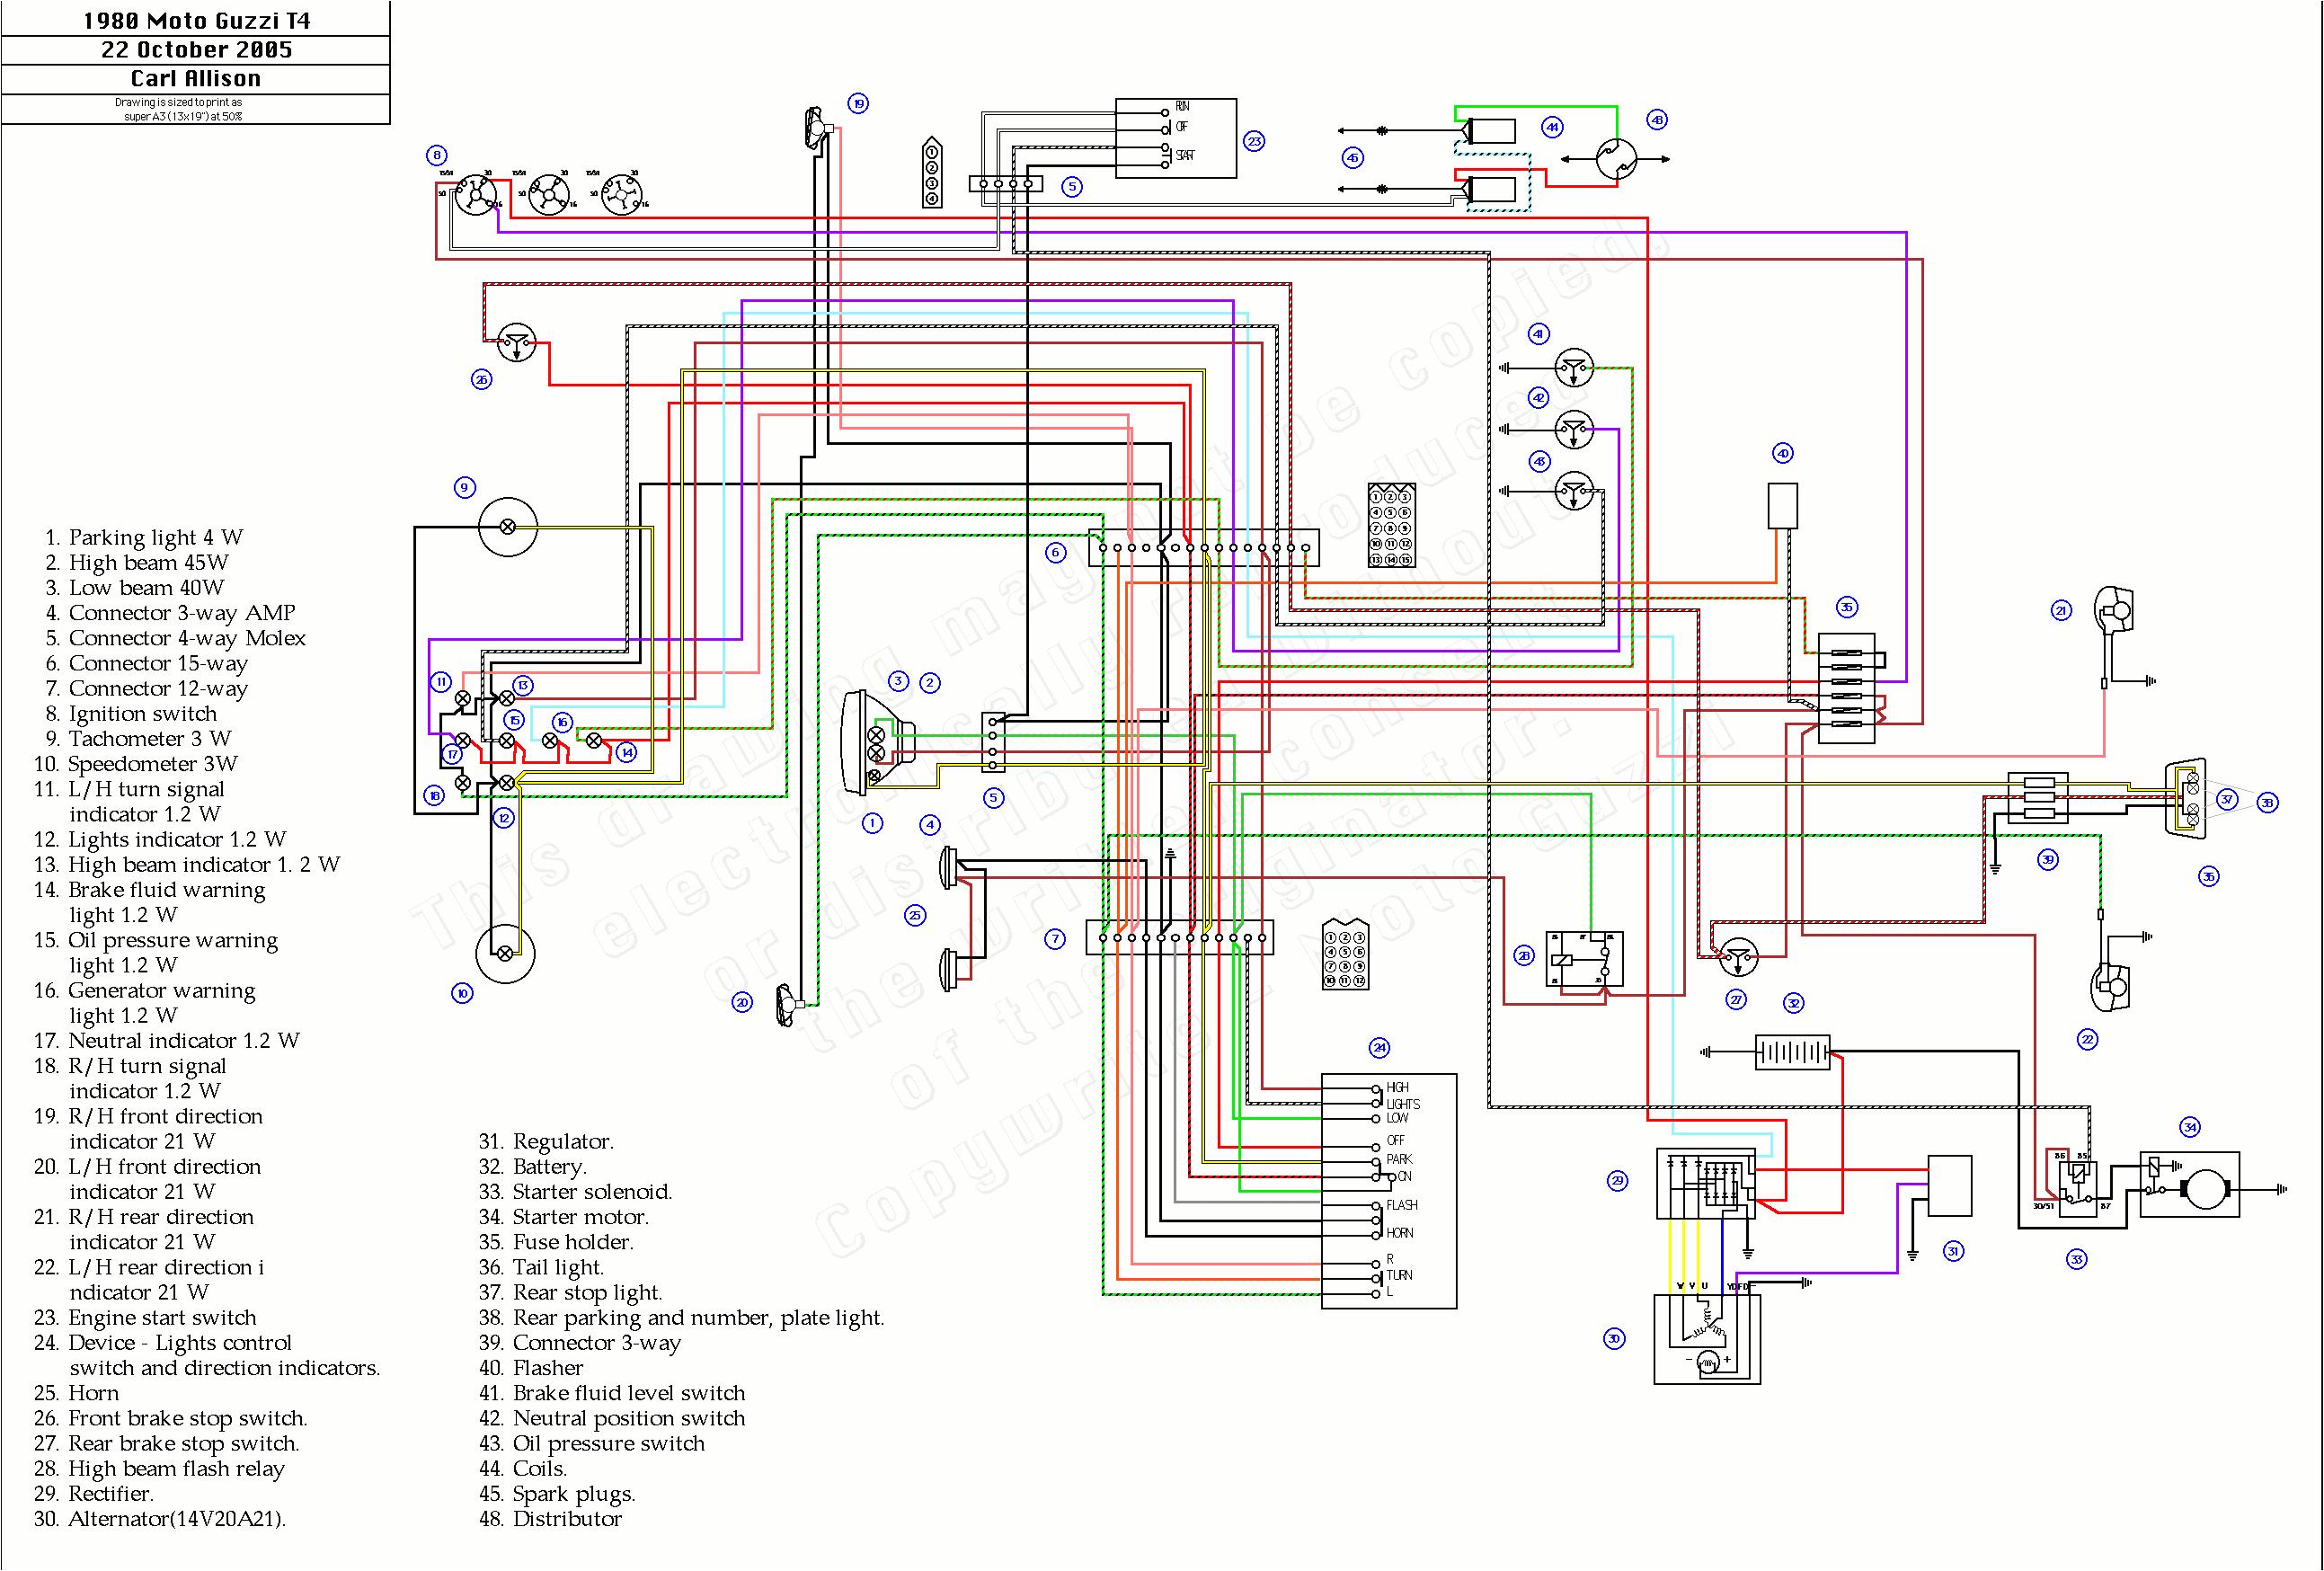 suzuki gs 550 wiring diagram wiring diagramsuzuki gs550 wiring diagram auto wiring diagramsuzuki gs550 wiring diagram